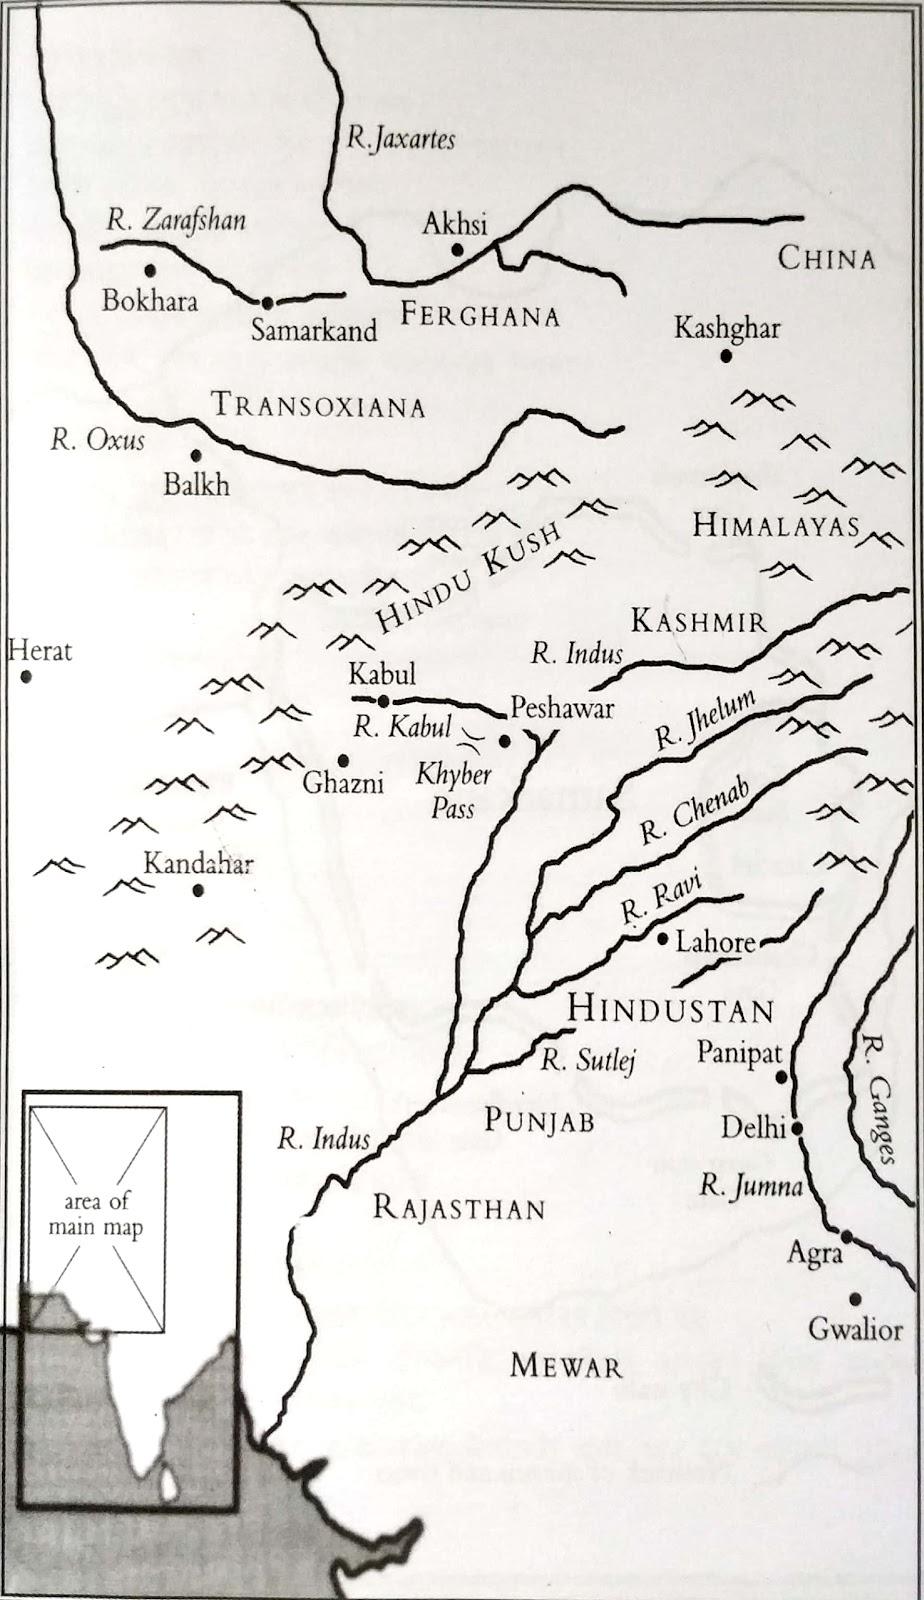 মধ্য এশিয়া এবং ভারতের মানচিত্র